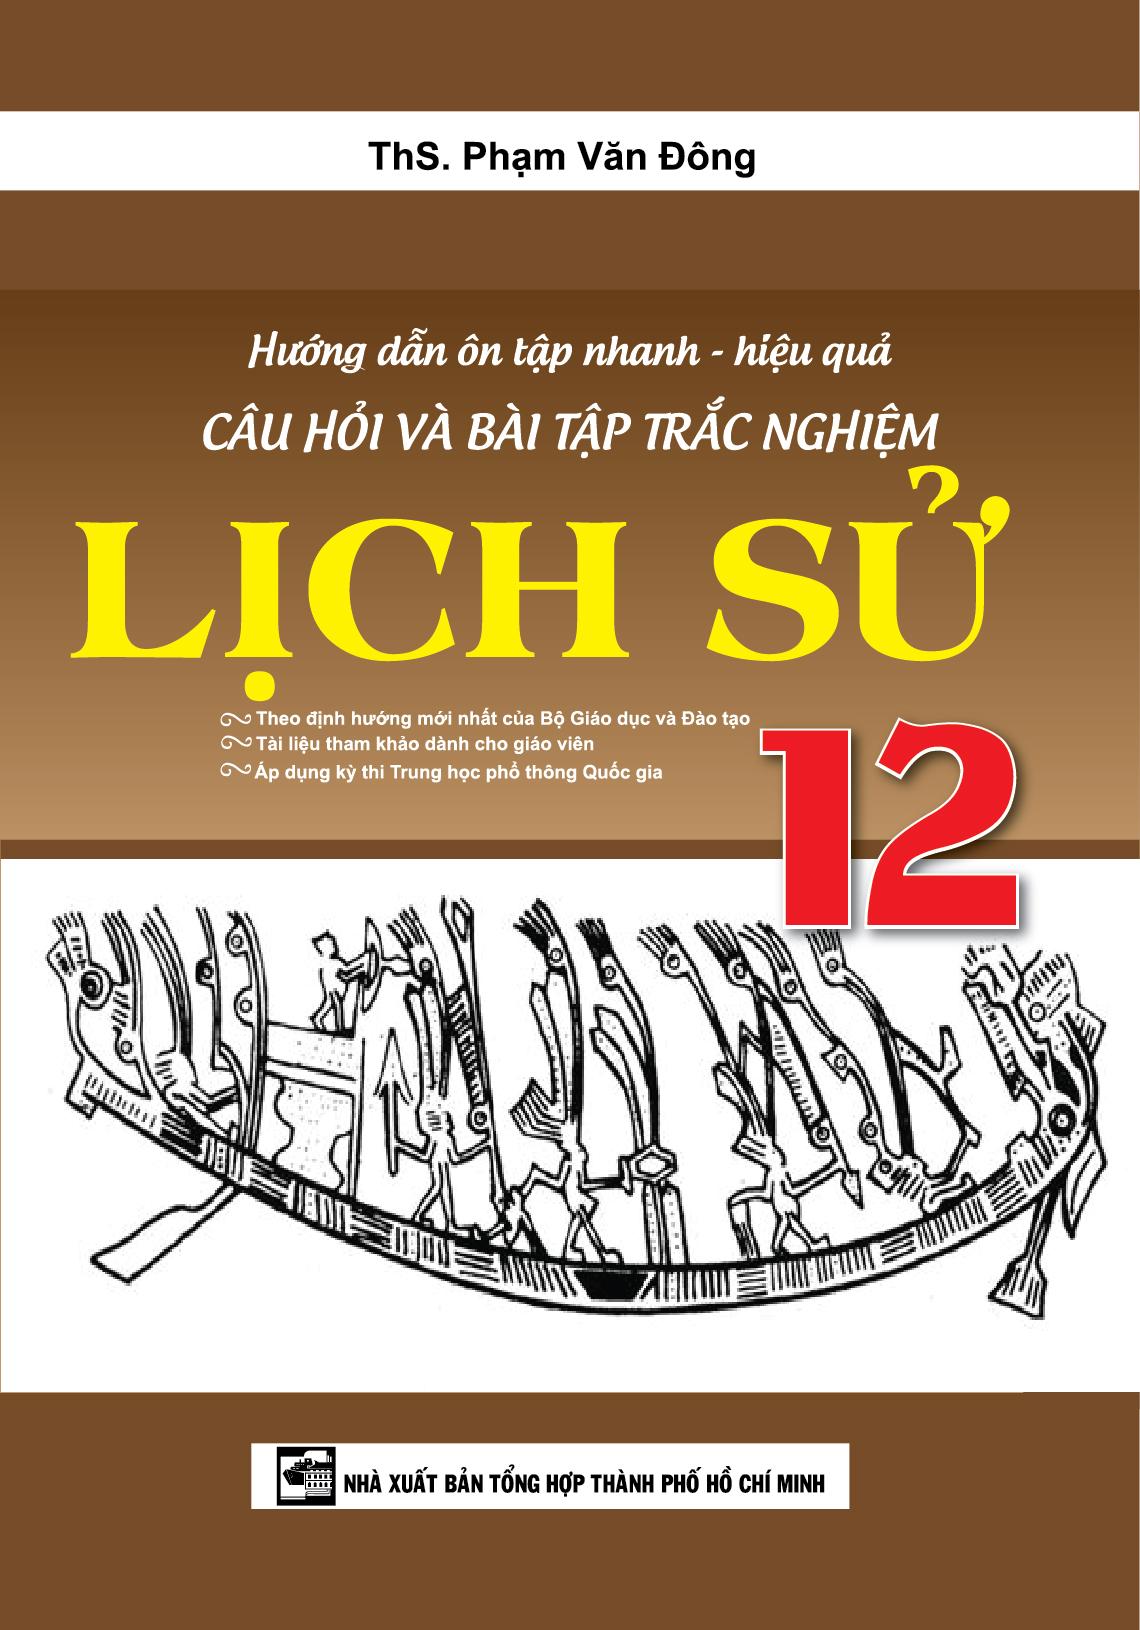 Hướng Dẫn Ôn Tập Nhanh - Hiệu Quả Câu Hỏi Và Bài Tập Trắc Nghiệm Lịch Sử 12 - EBOOK/PDF/PRC/EPUB